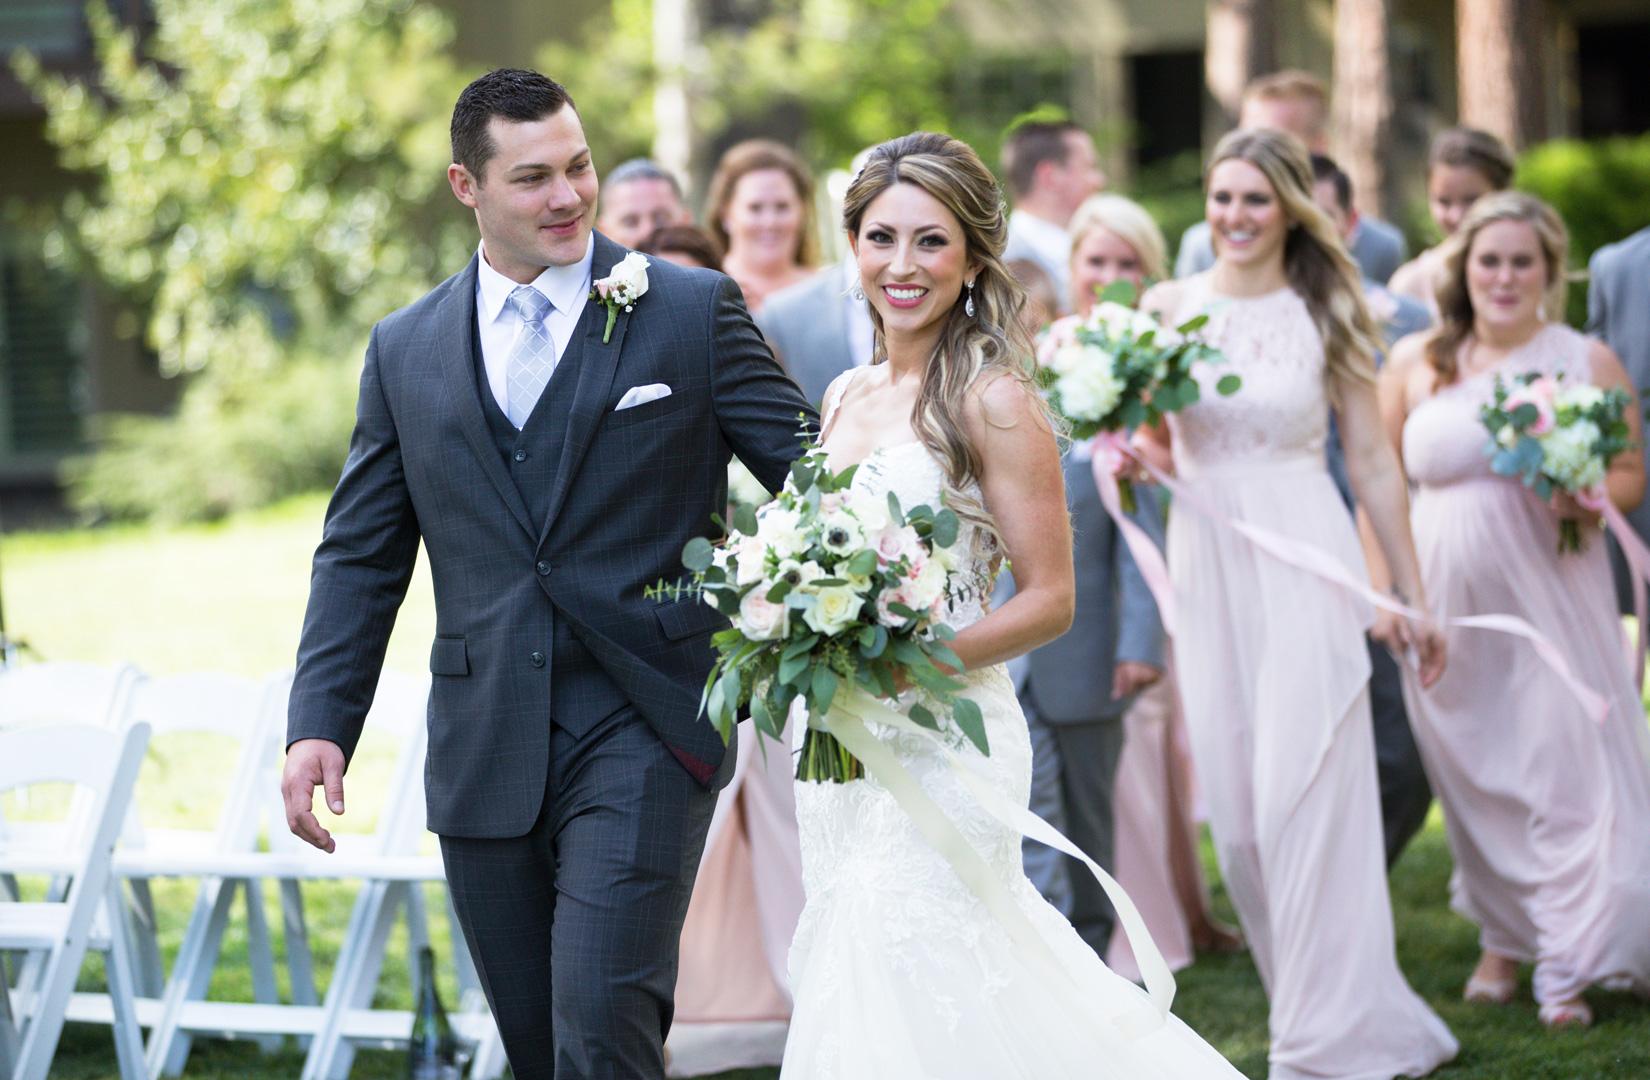 Arianna and Jake's wedding